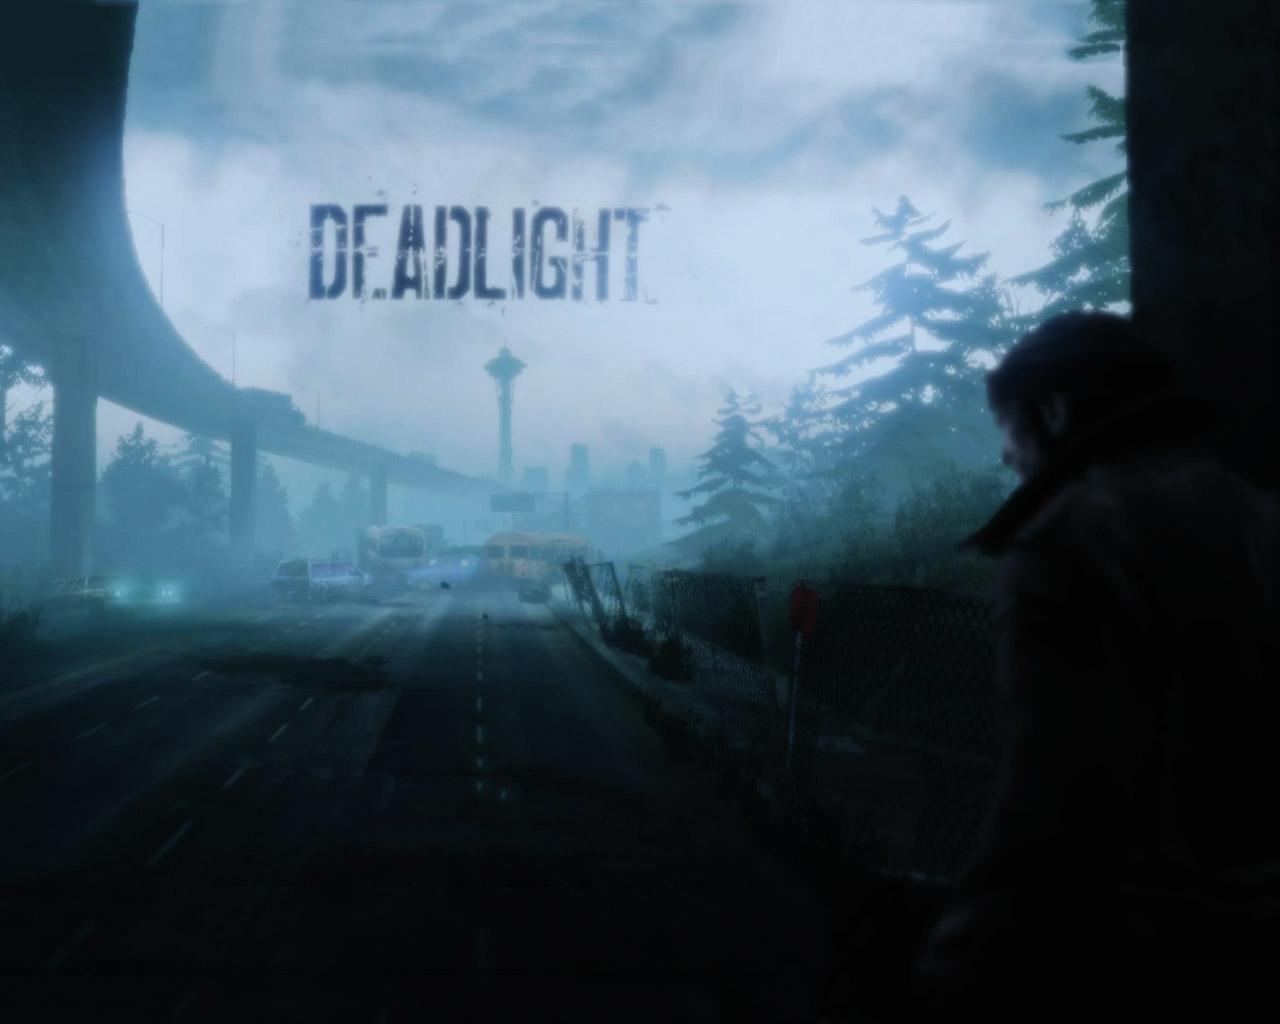 Deadlight Wallpaper in 1280x1024